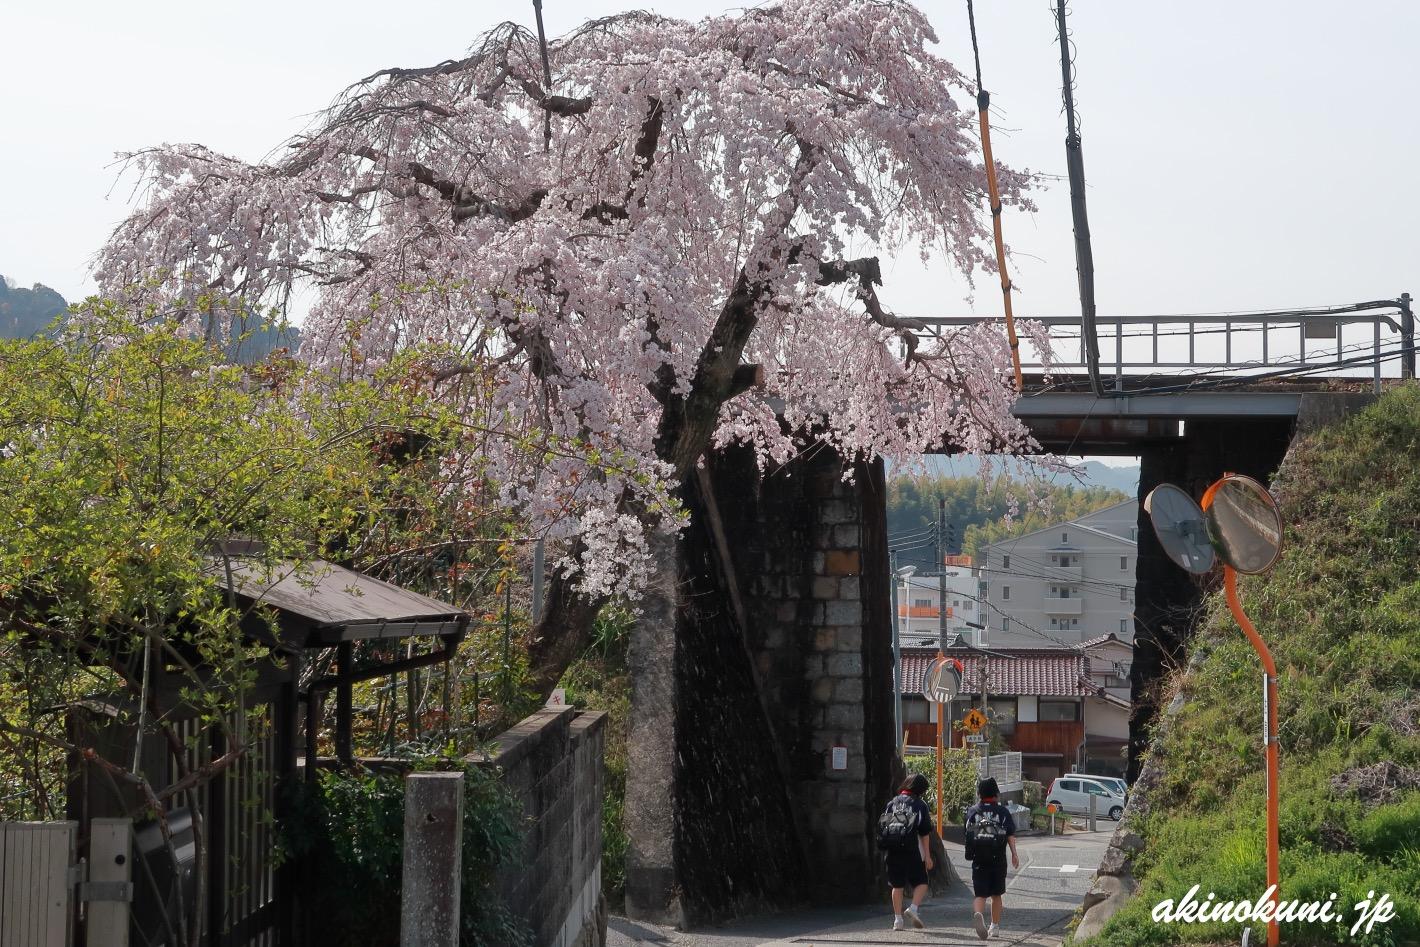 戸坂 芸備線陸橋そばの桜